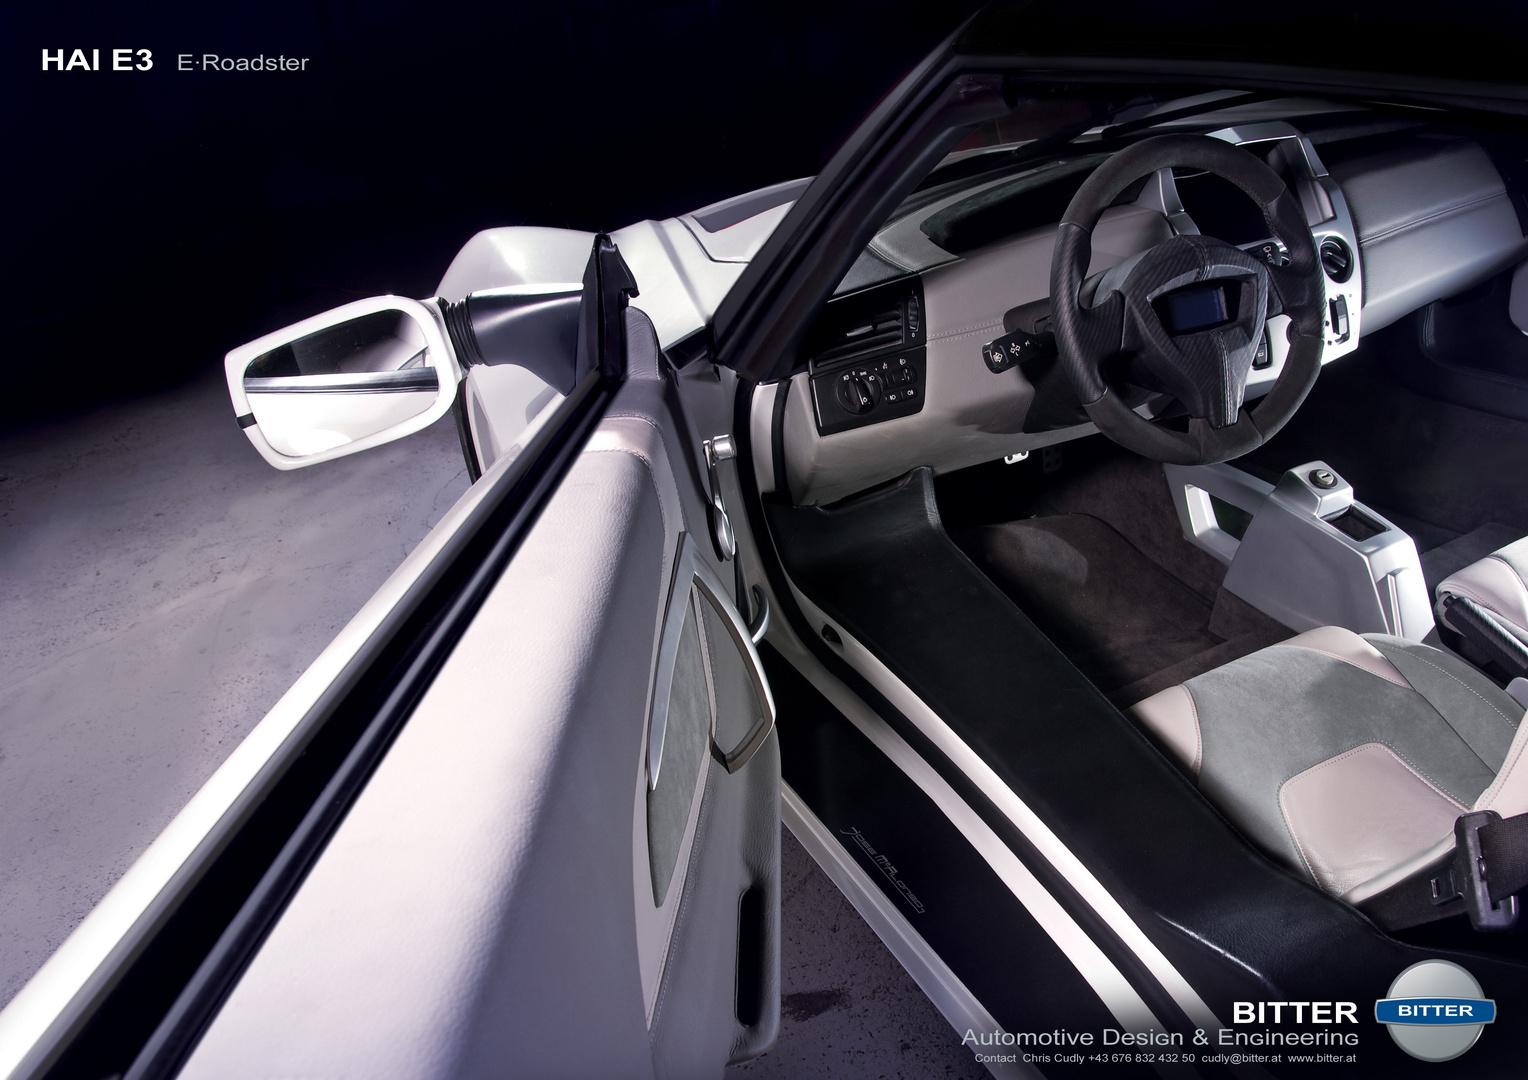 E-Roadster HAI E3 Interior